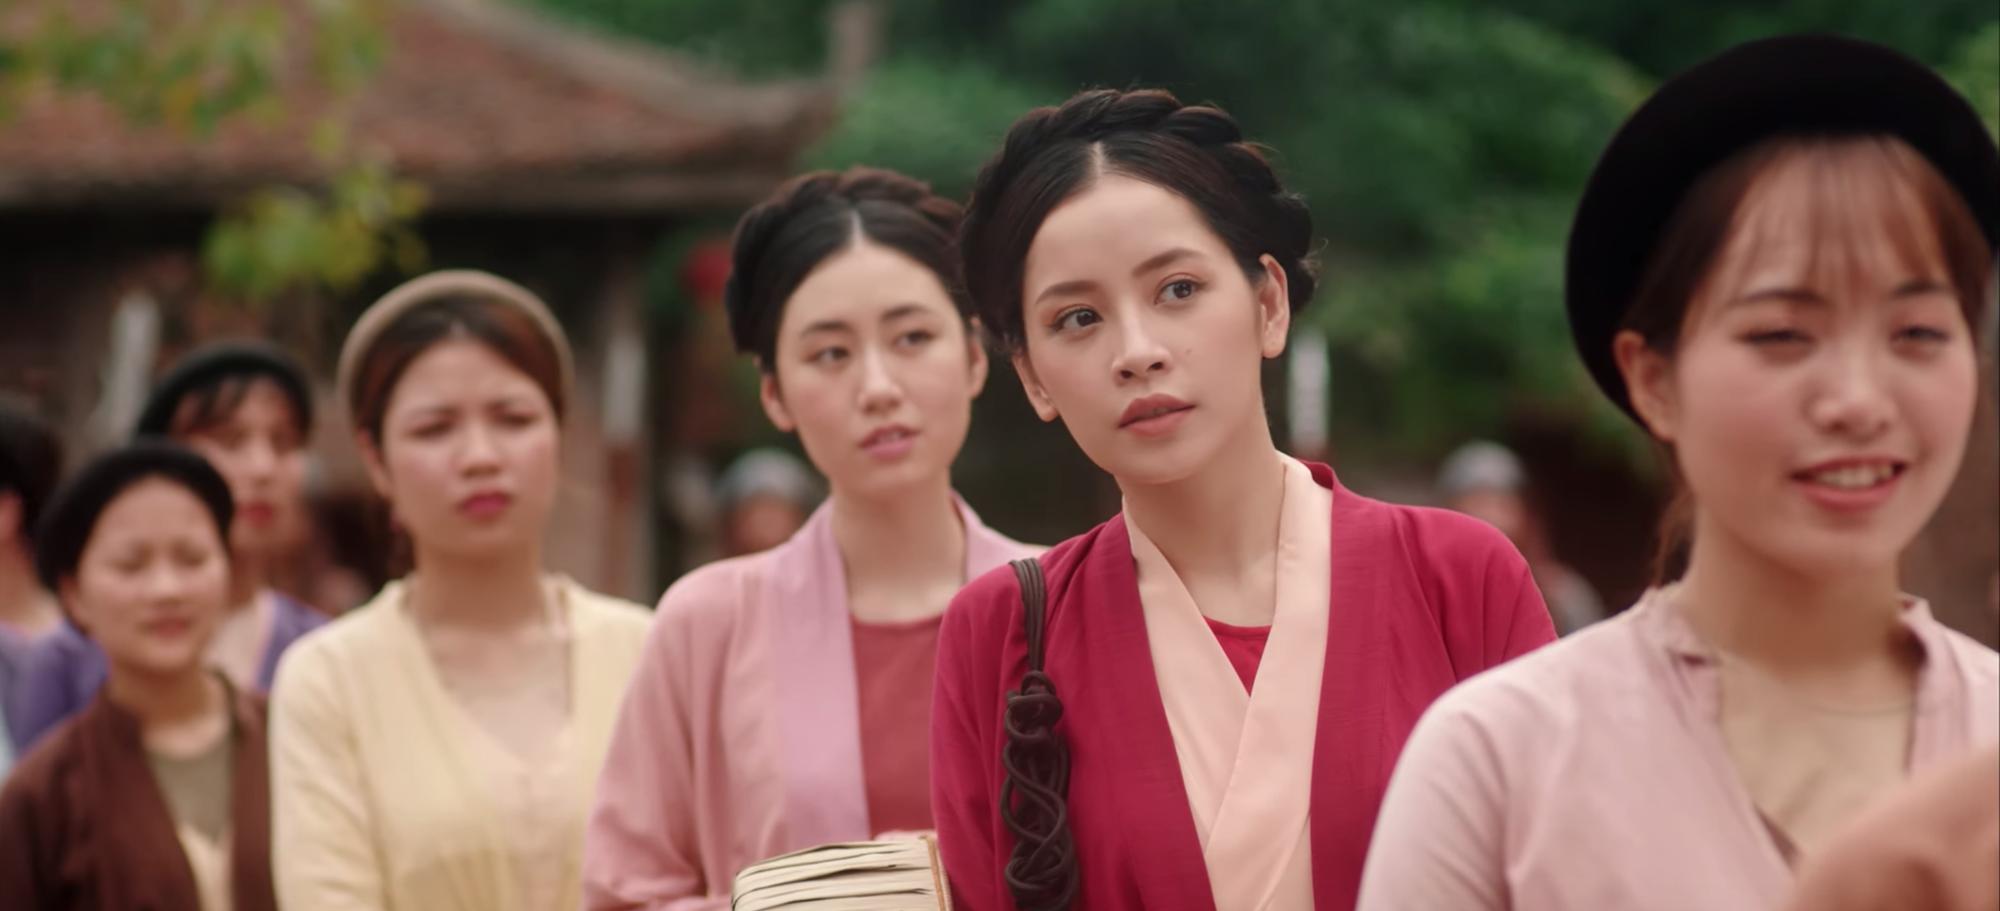 Những bí ẩn xoay quanh truyện cổ tích Tấm Cám đang nổi đình đám trong MV Chi Pu: Cá Bống là mẹ của Tấm, Tấm và Cám là chị em ruột - Ảnh 3.